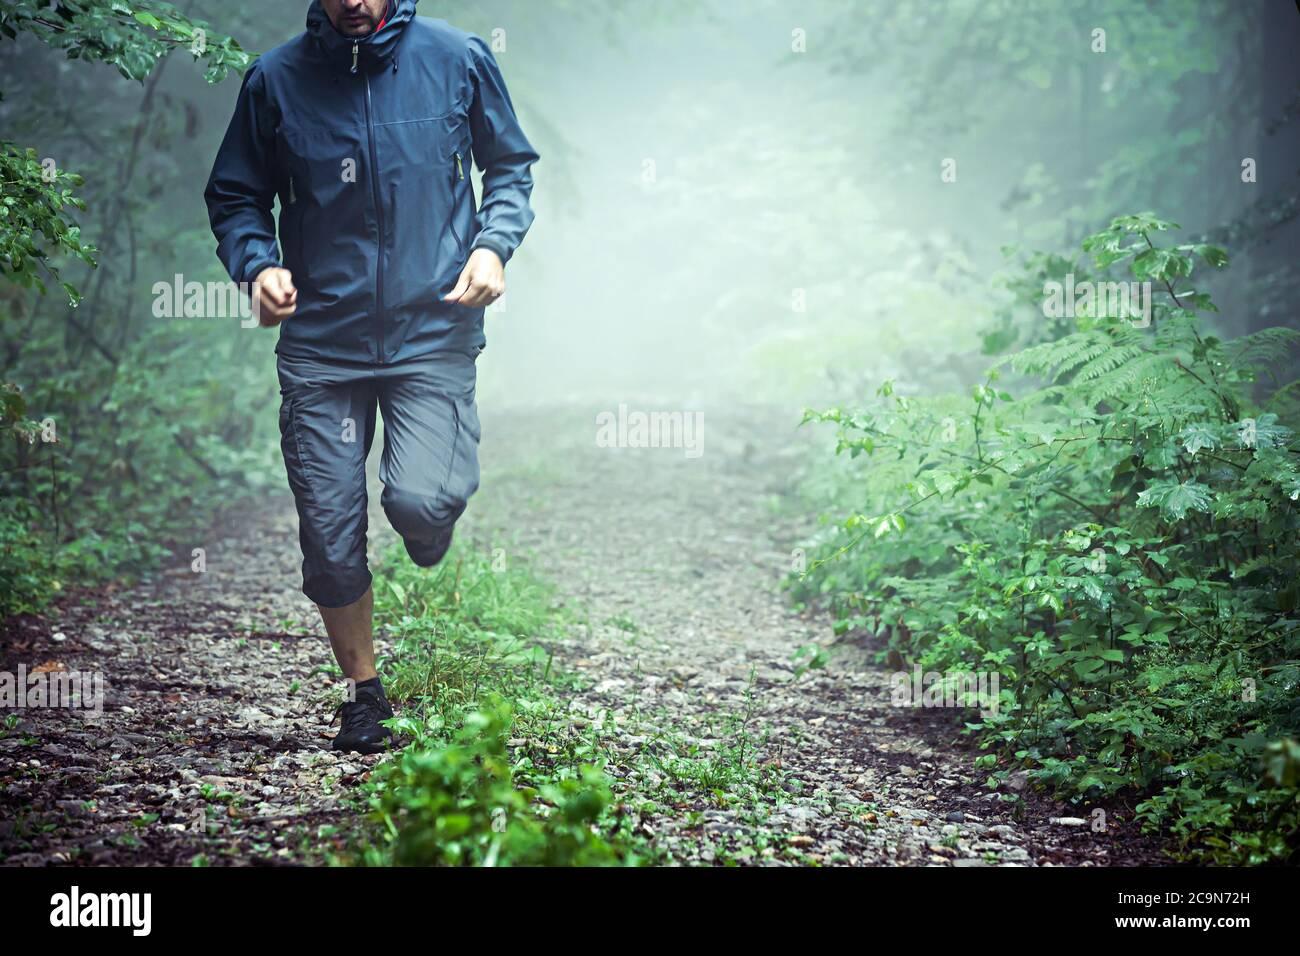 Gros plan de l'athlète masculin, portant des vêtements d'extérieur, courant dans la forêt brumeuse tôt le matin. Espace de copie disponible. Banque D'Images